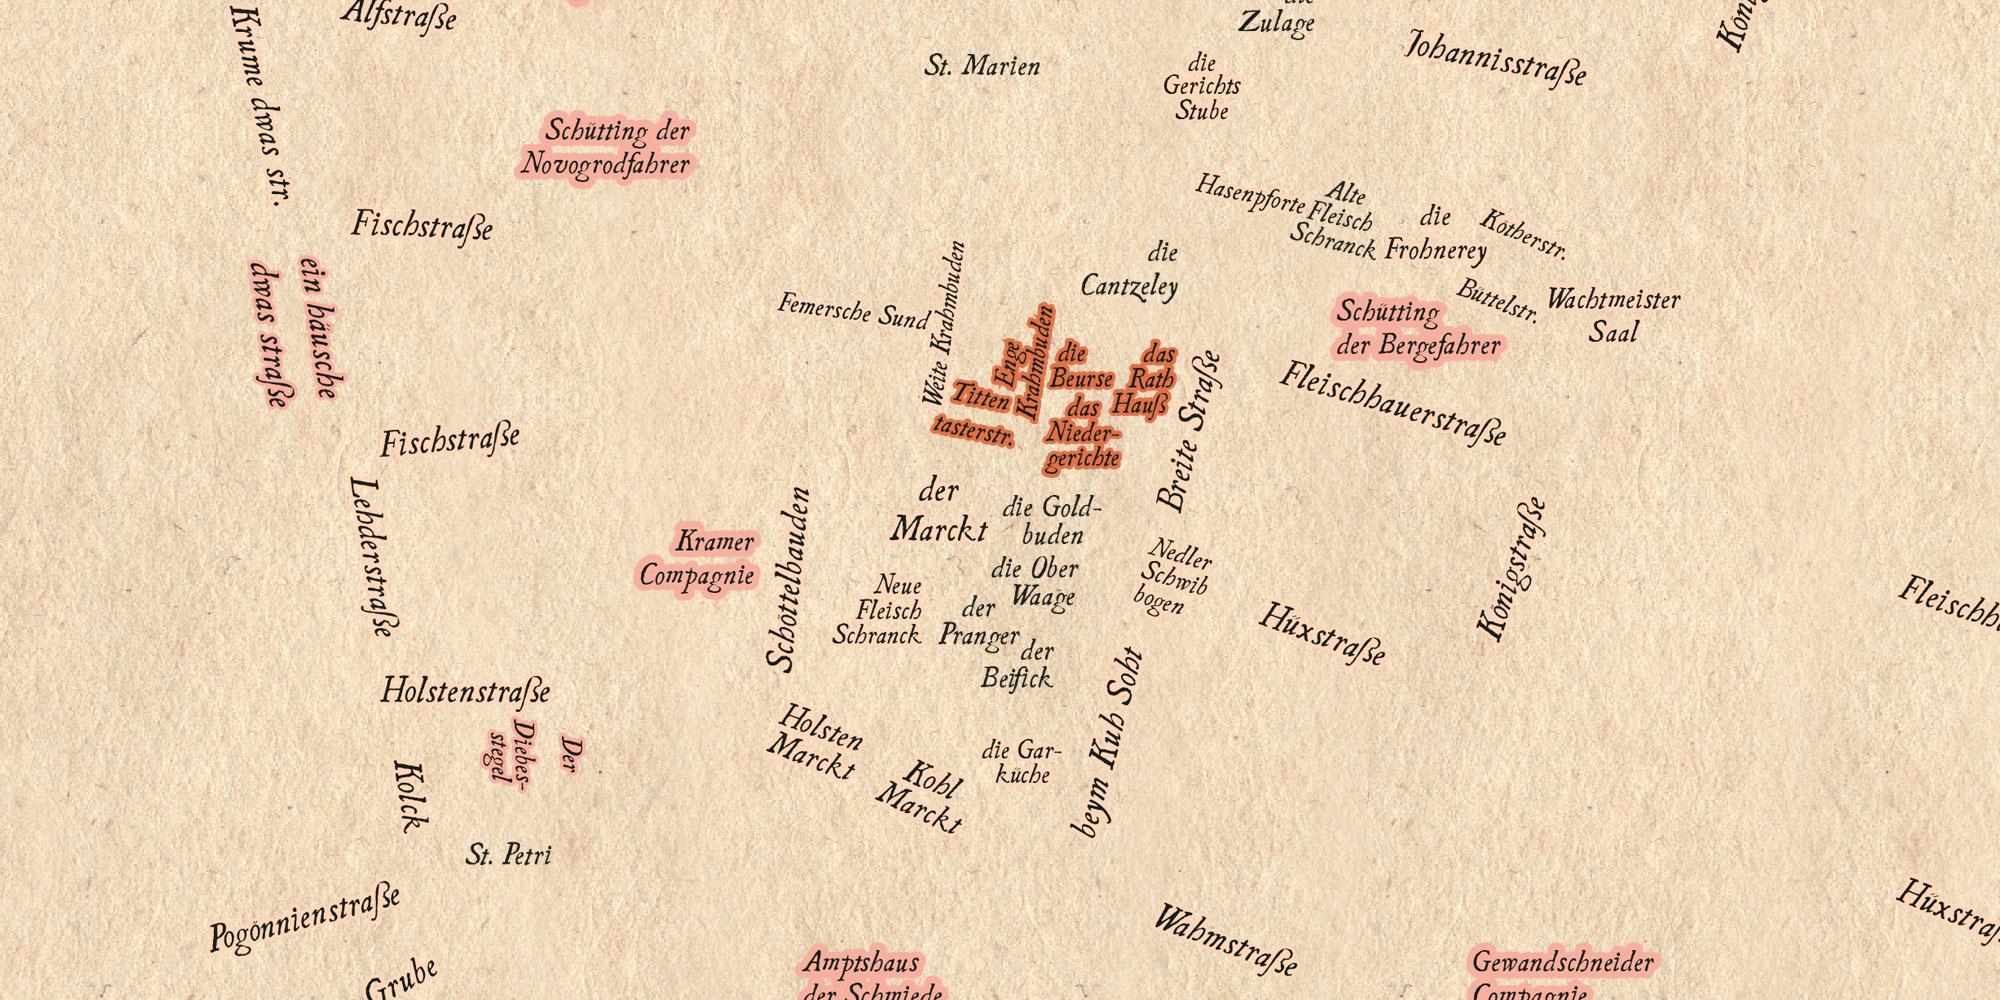 Seutter 1750: Zusatzebene mit Schrifteinträgen und Freistellern